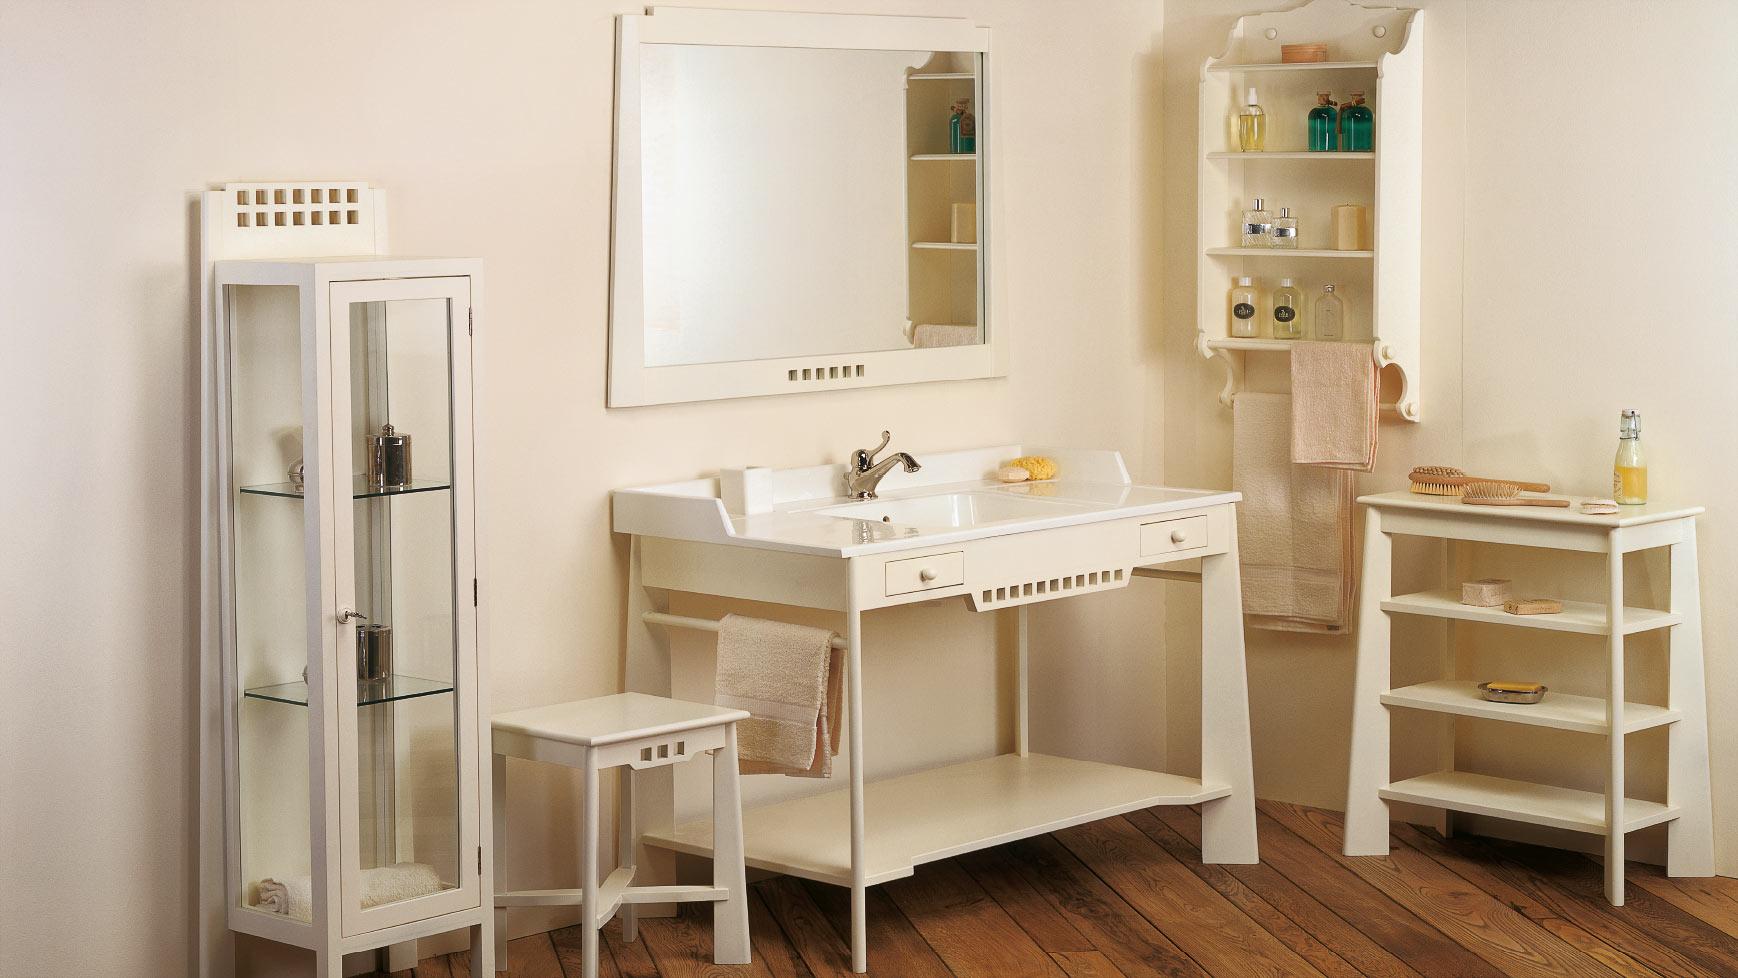 Collezione bagno mediterranea provenzale bianchini capponi - Mobile bagno provenzale ...